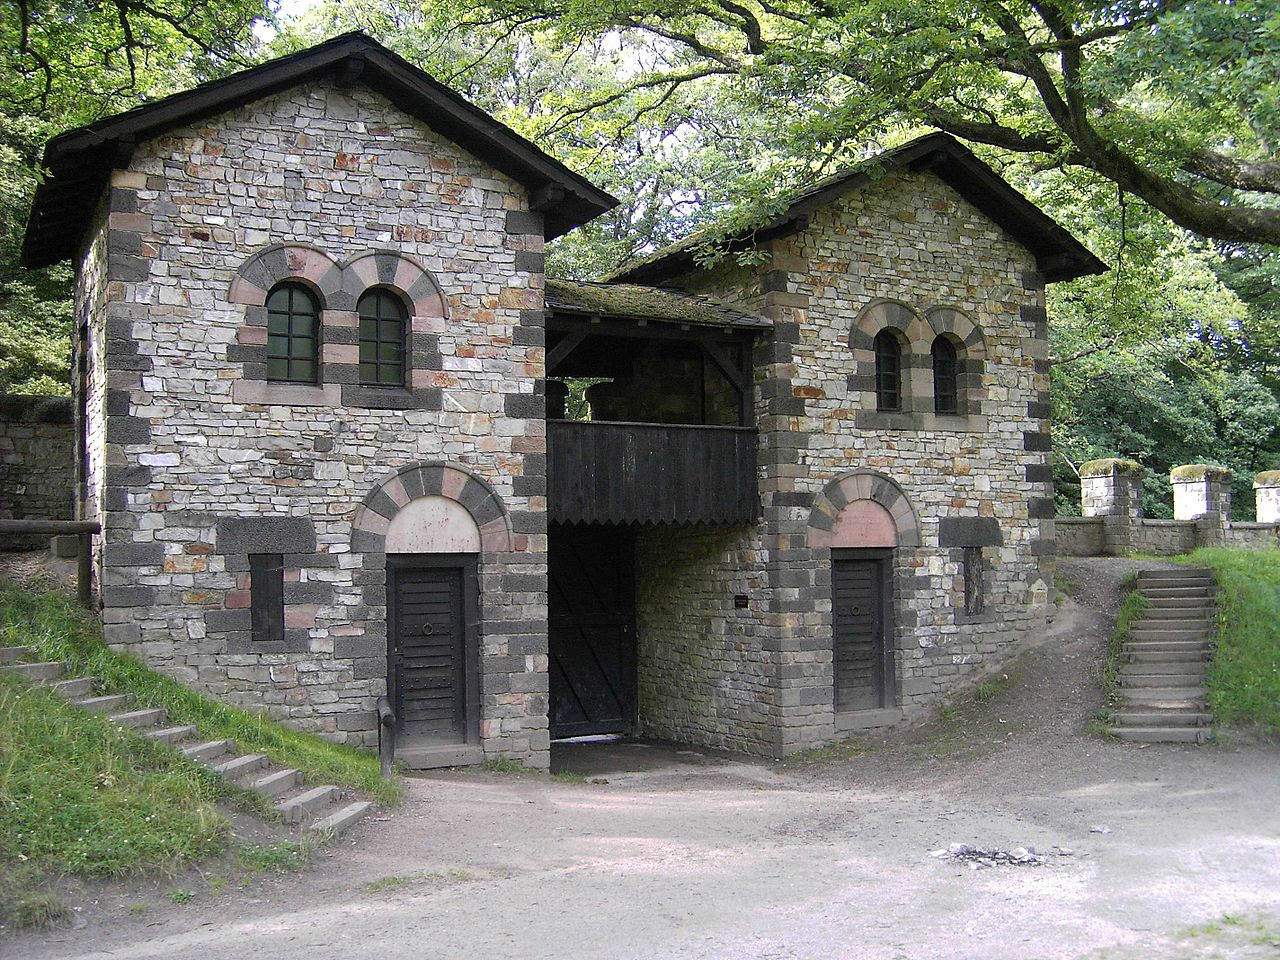 Bild Römerkastell Saalburg – Archäologischer Park